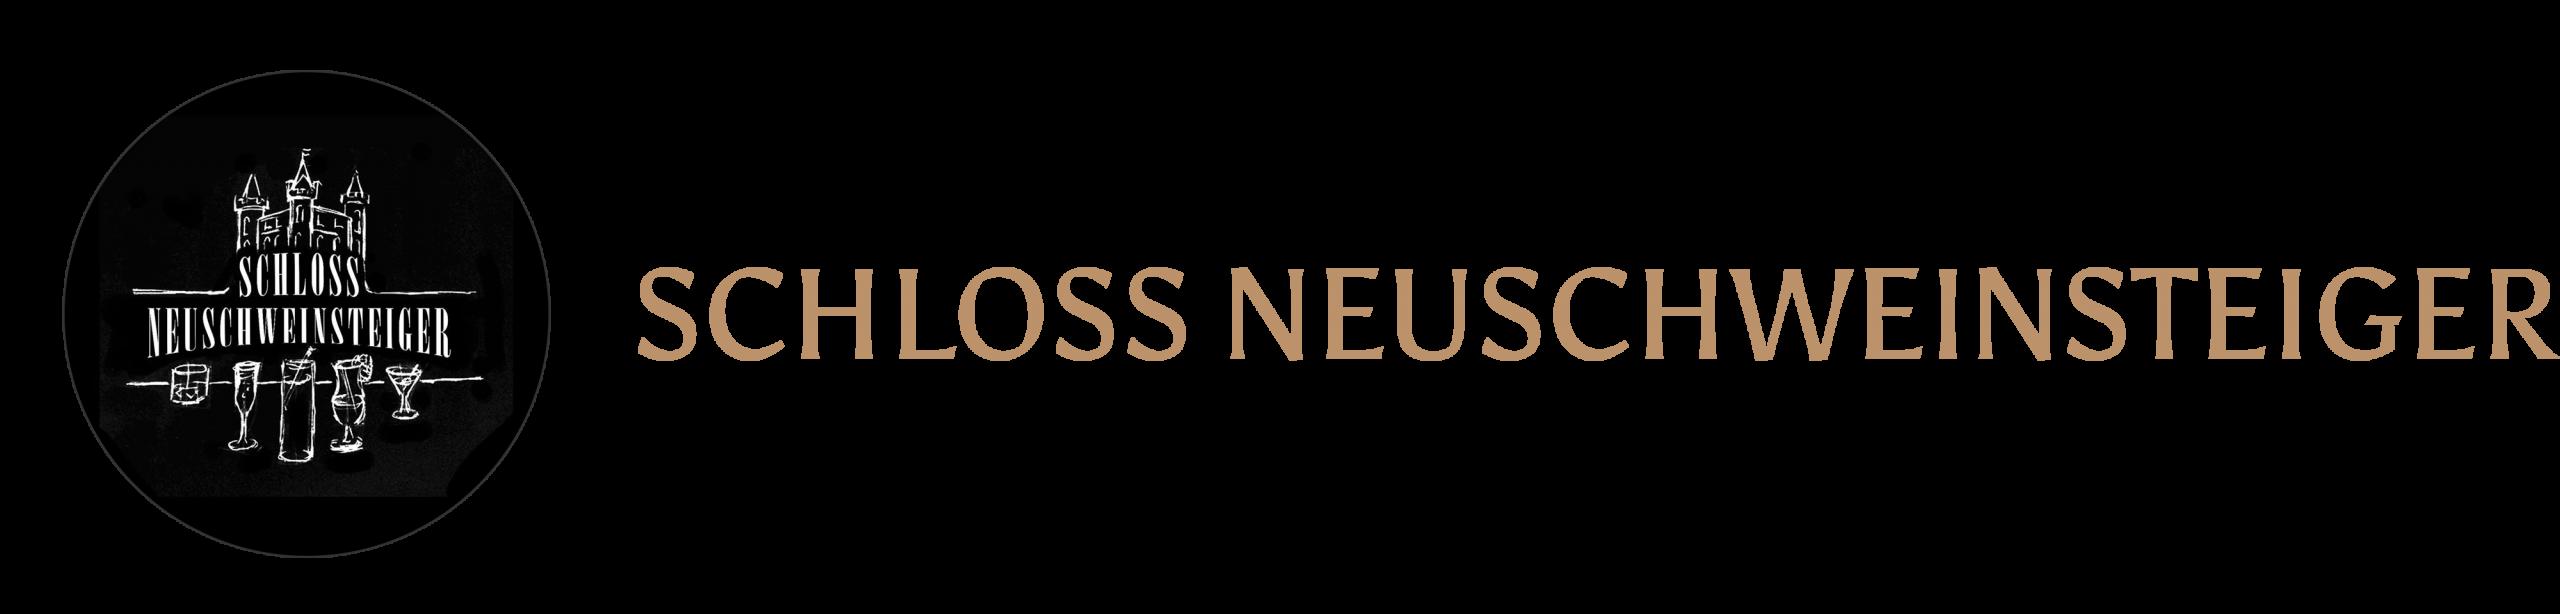 Schloss Neuschweinsteiger